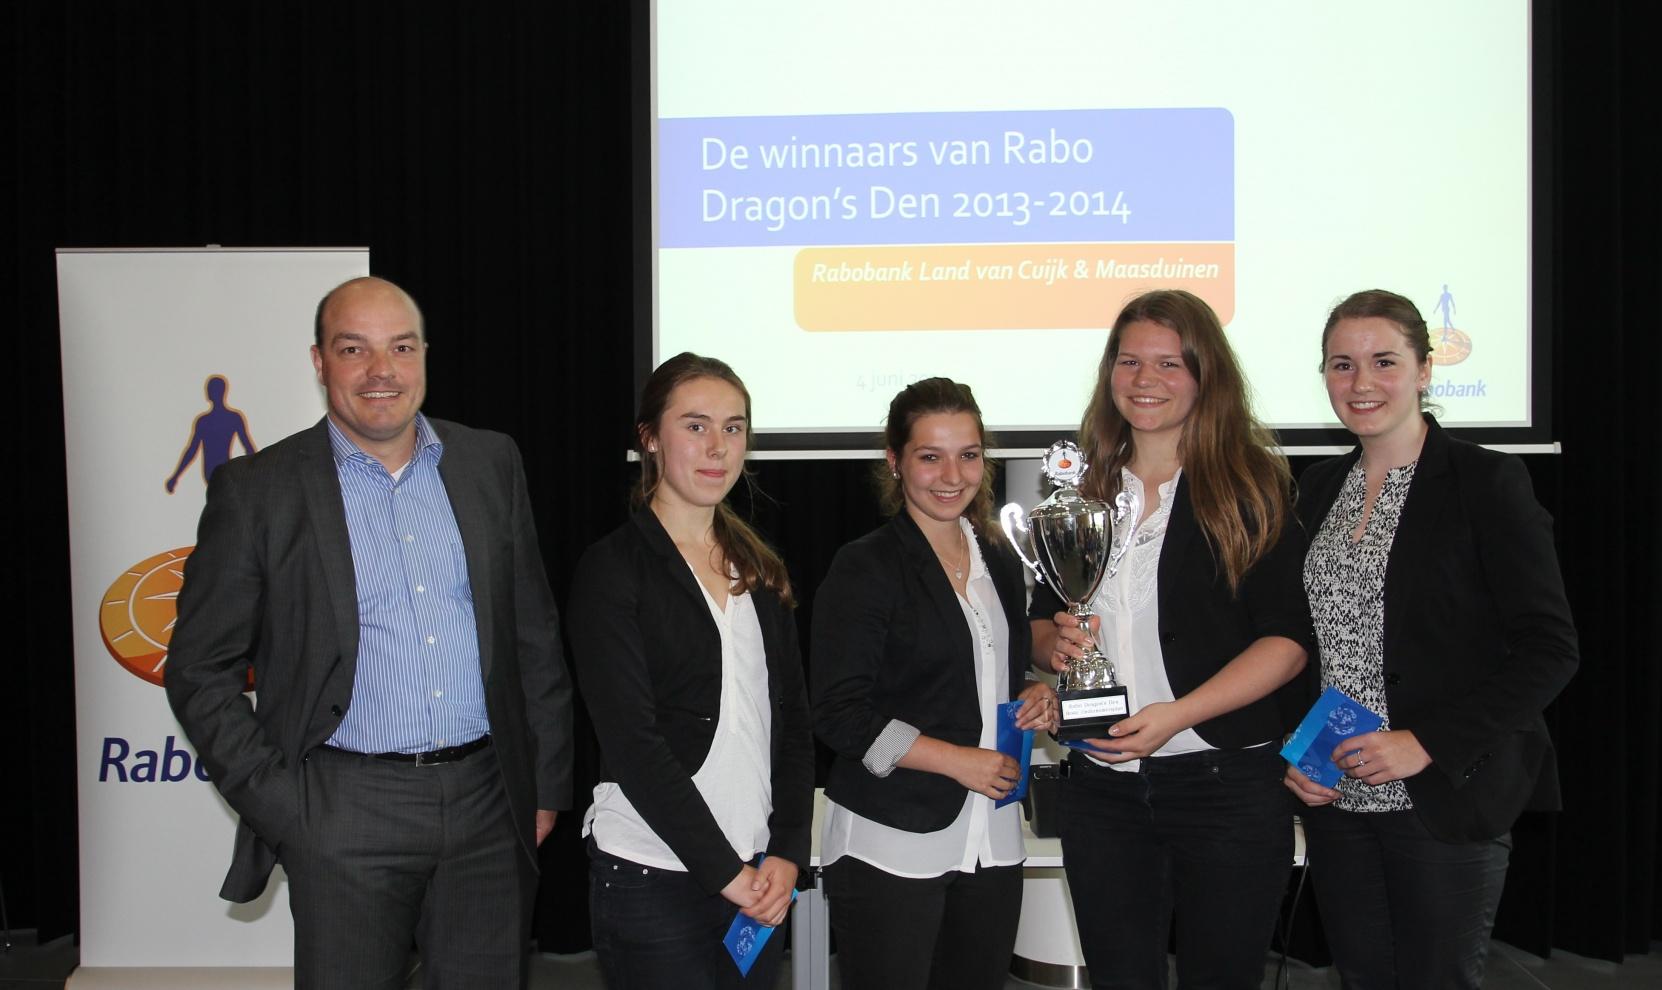 beste ondernemingsplan Elzendaalcollege wint prijs beste ondernemingsplan, door Rabobank  beste ondernemingsplan